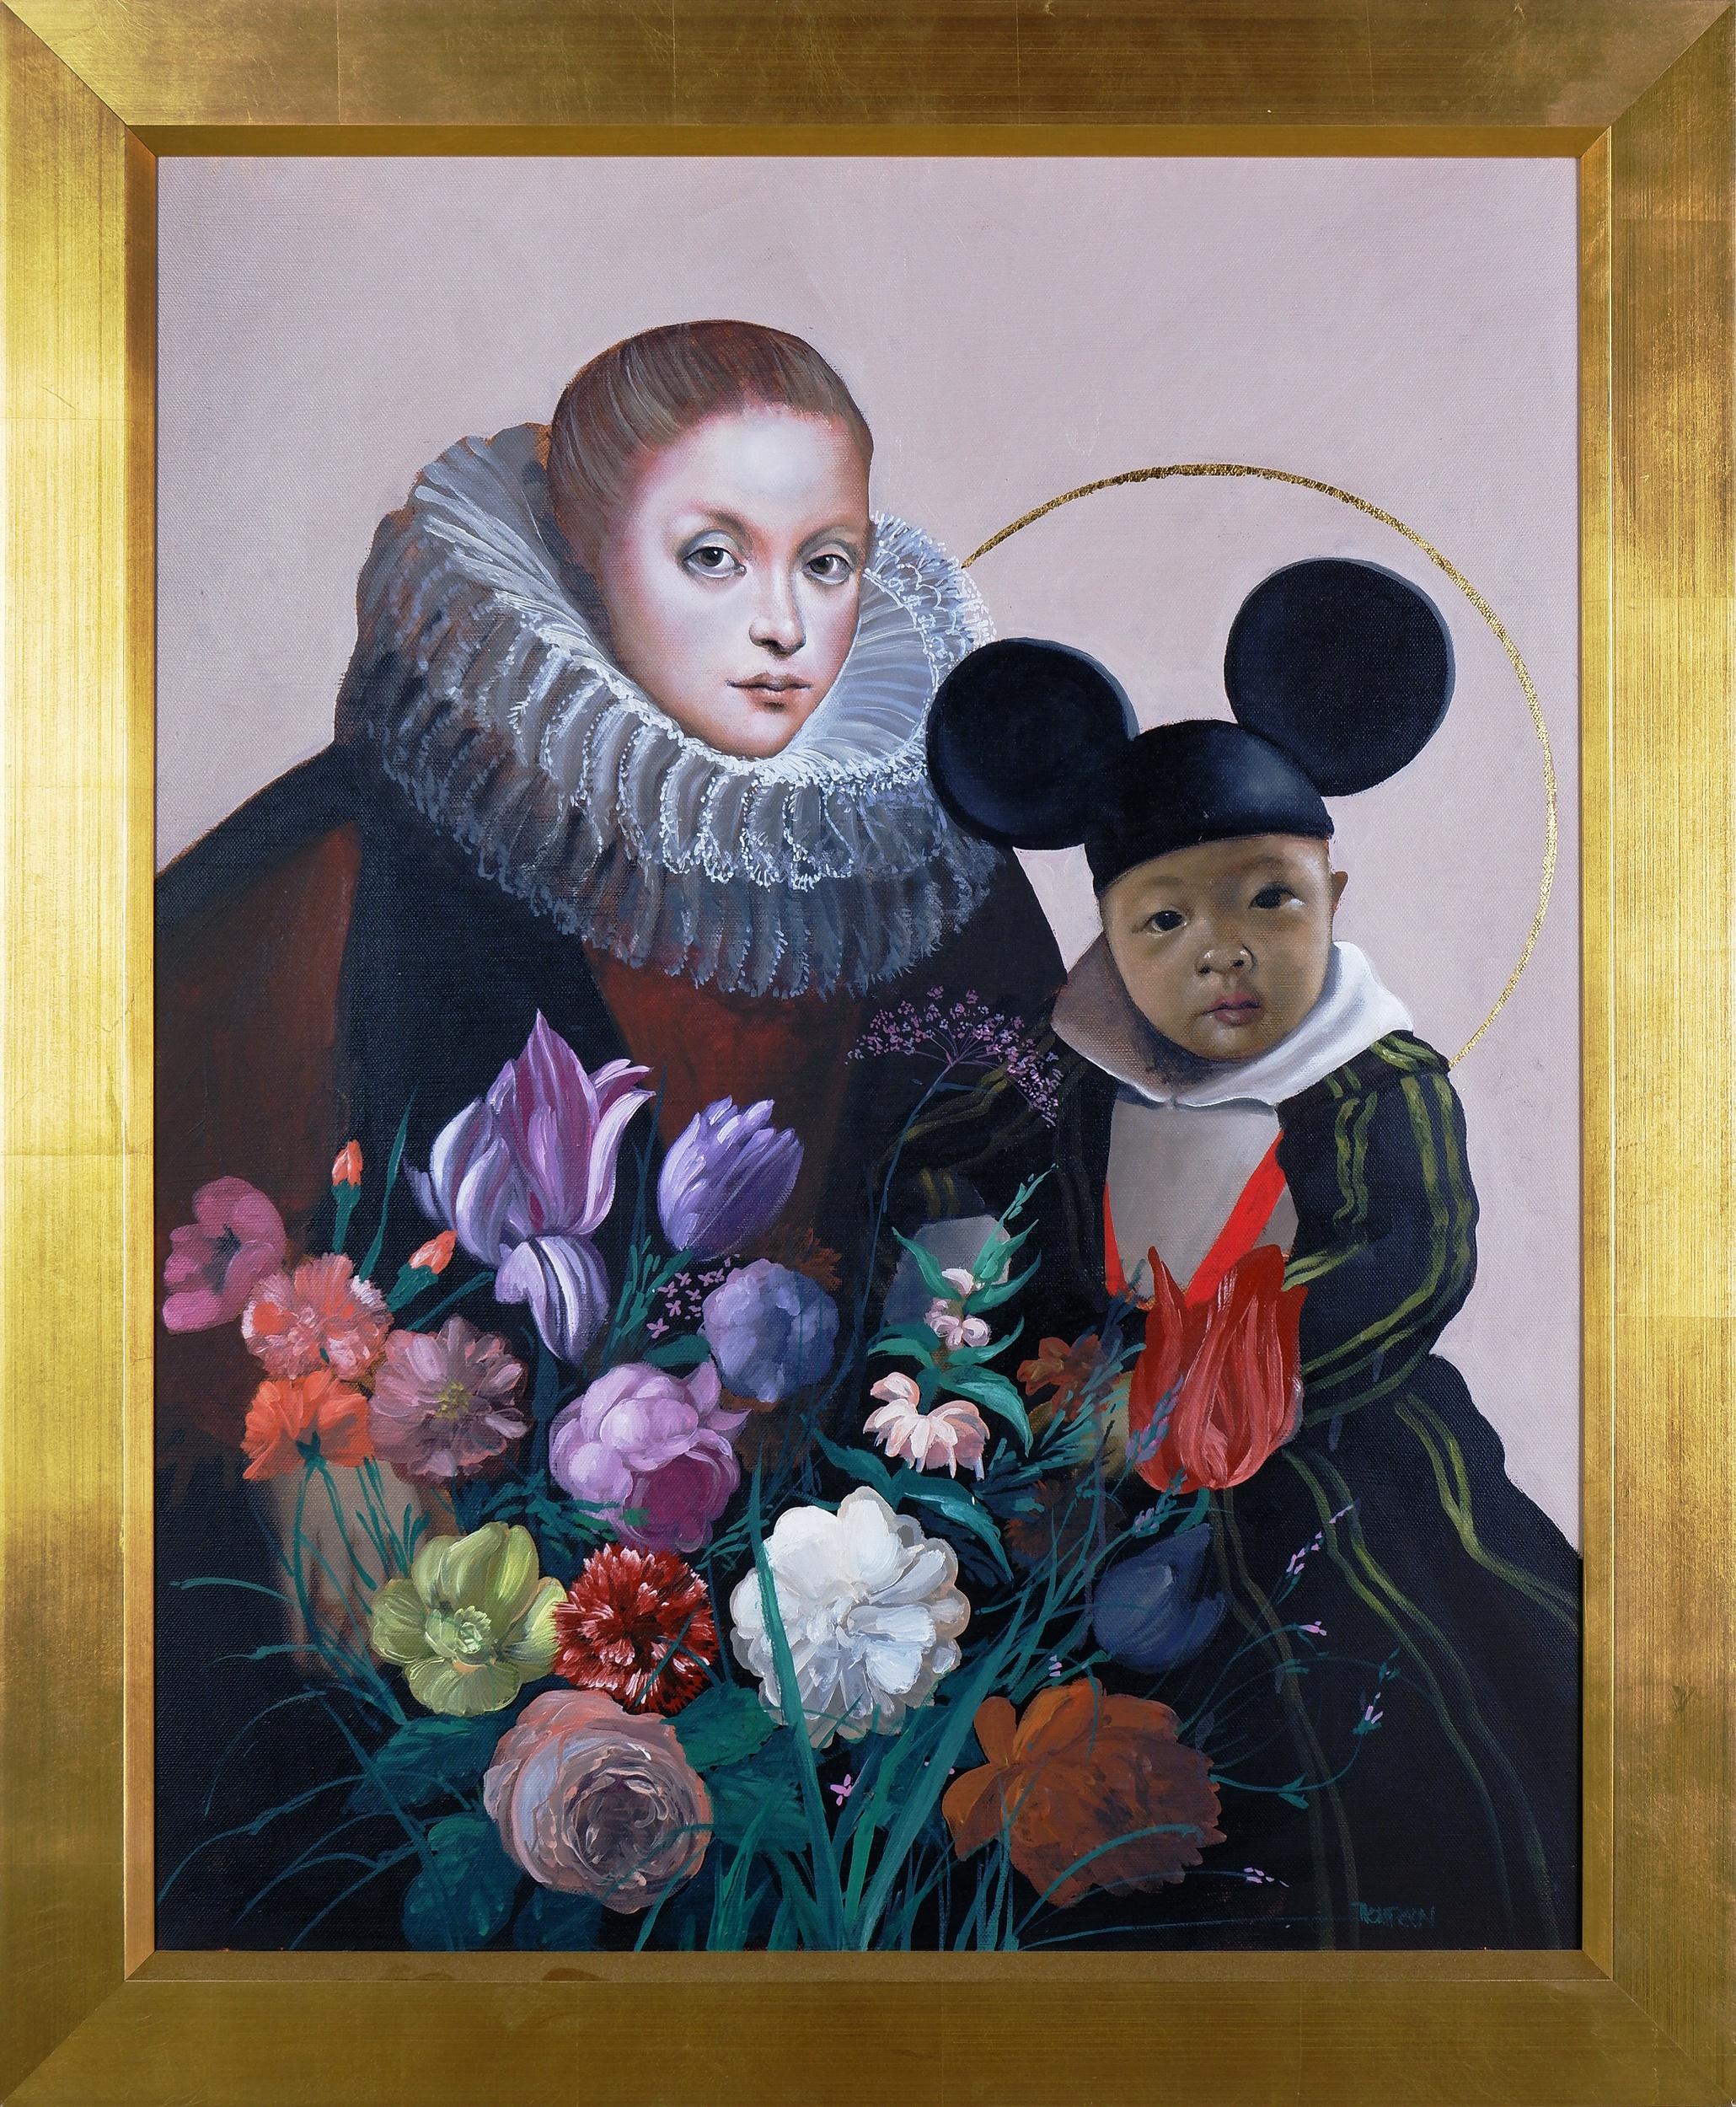 'Mark Thompson (born 1949), Mao Mouse 2012, Oil on Canvas, 76 x 61 cm'